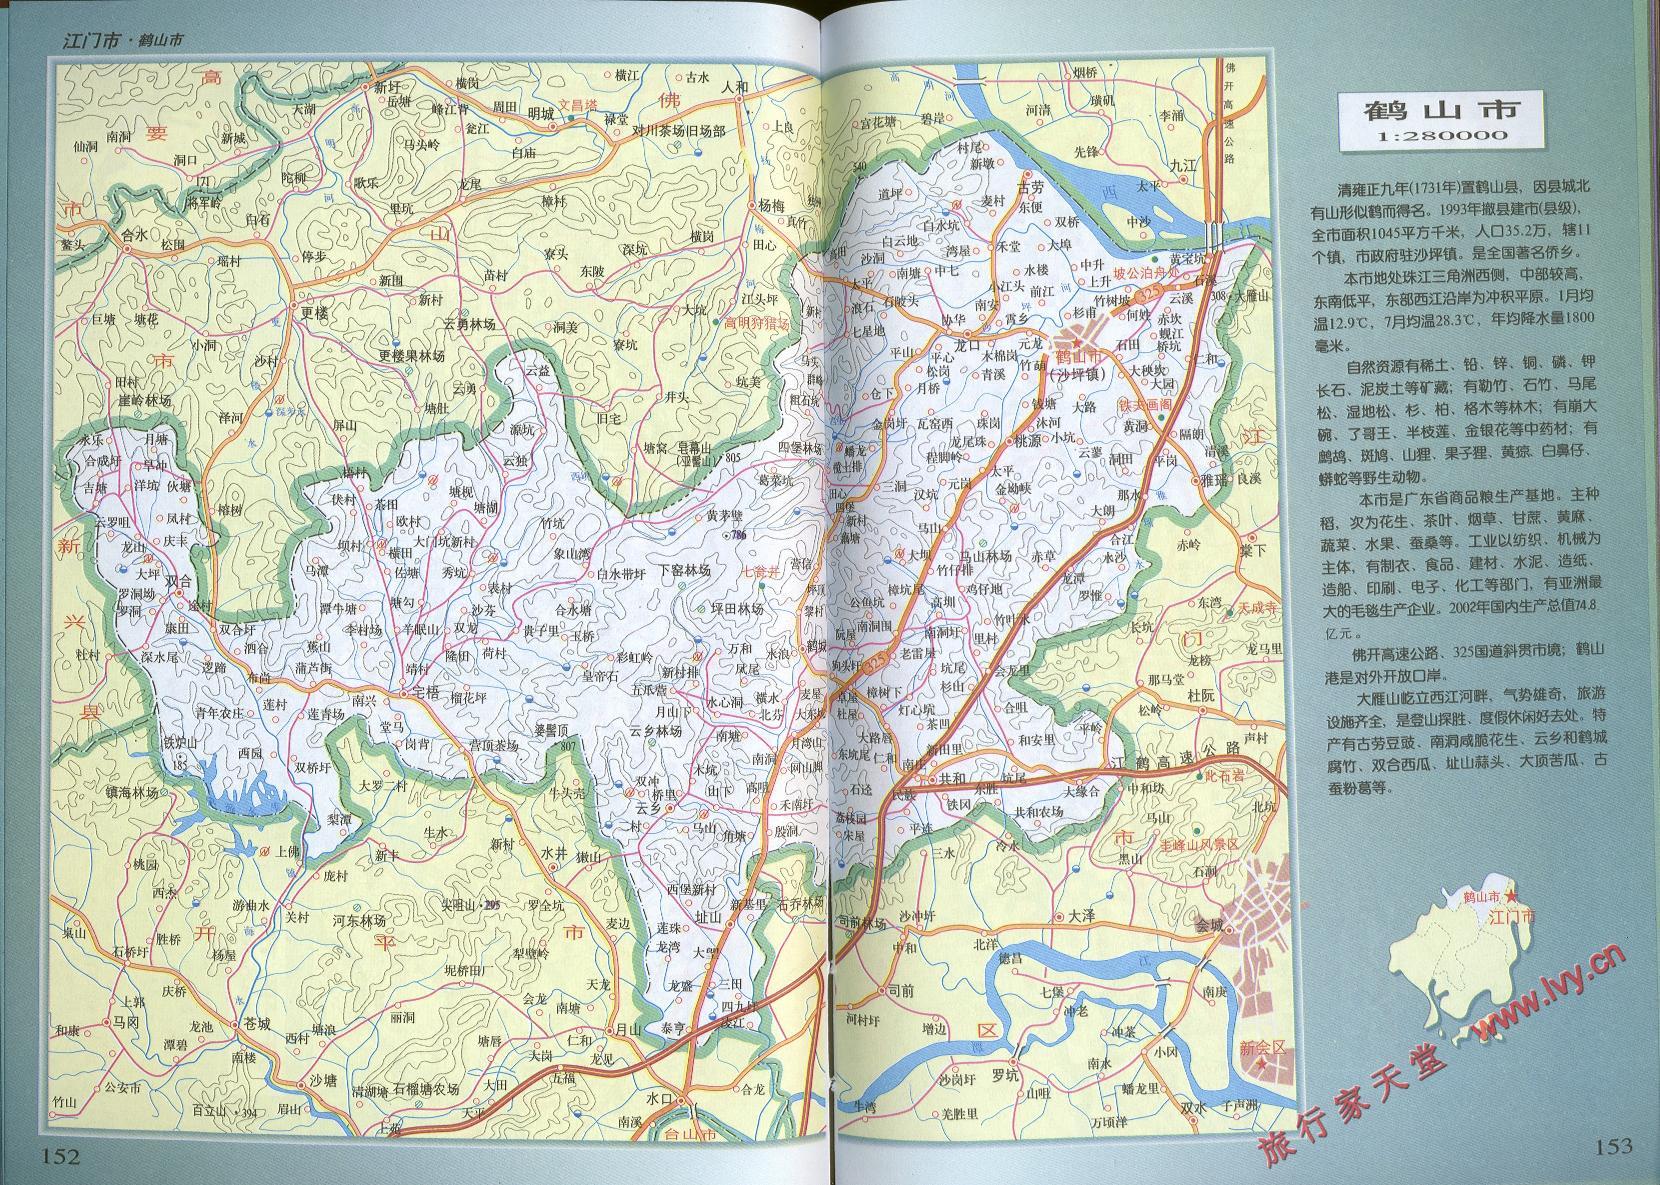 鹤山市地图图片